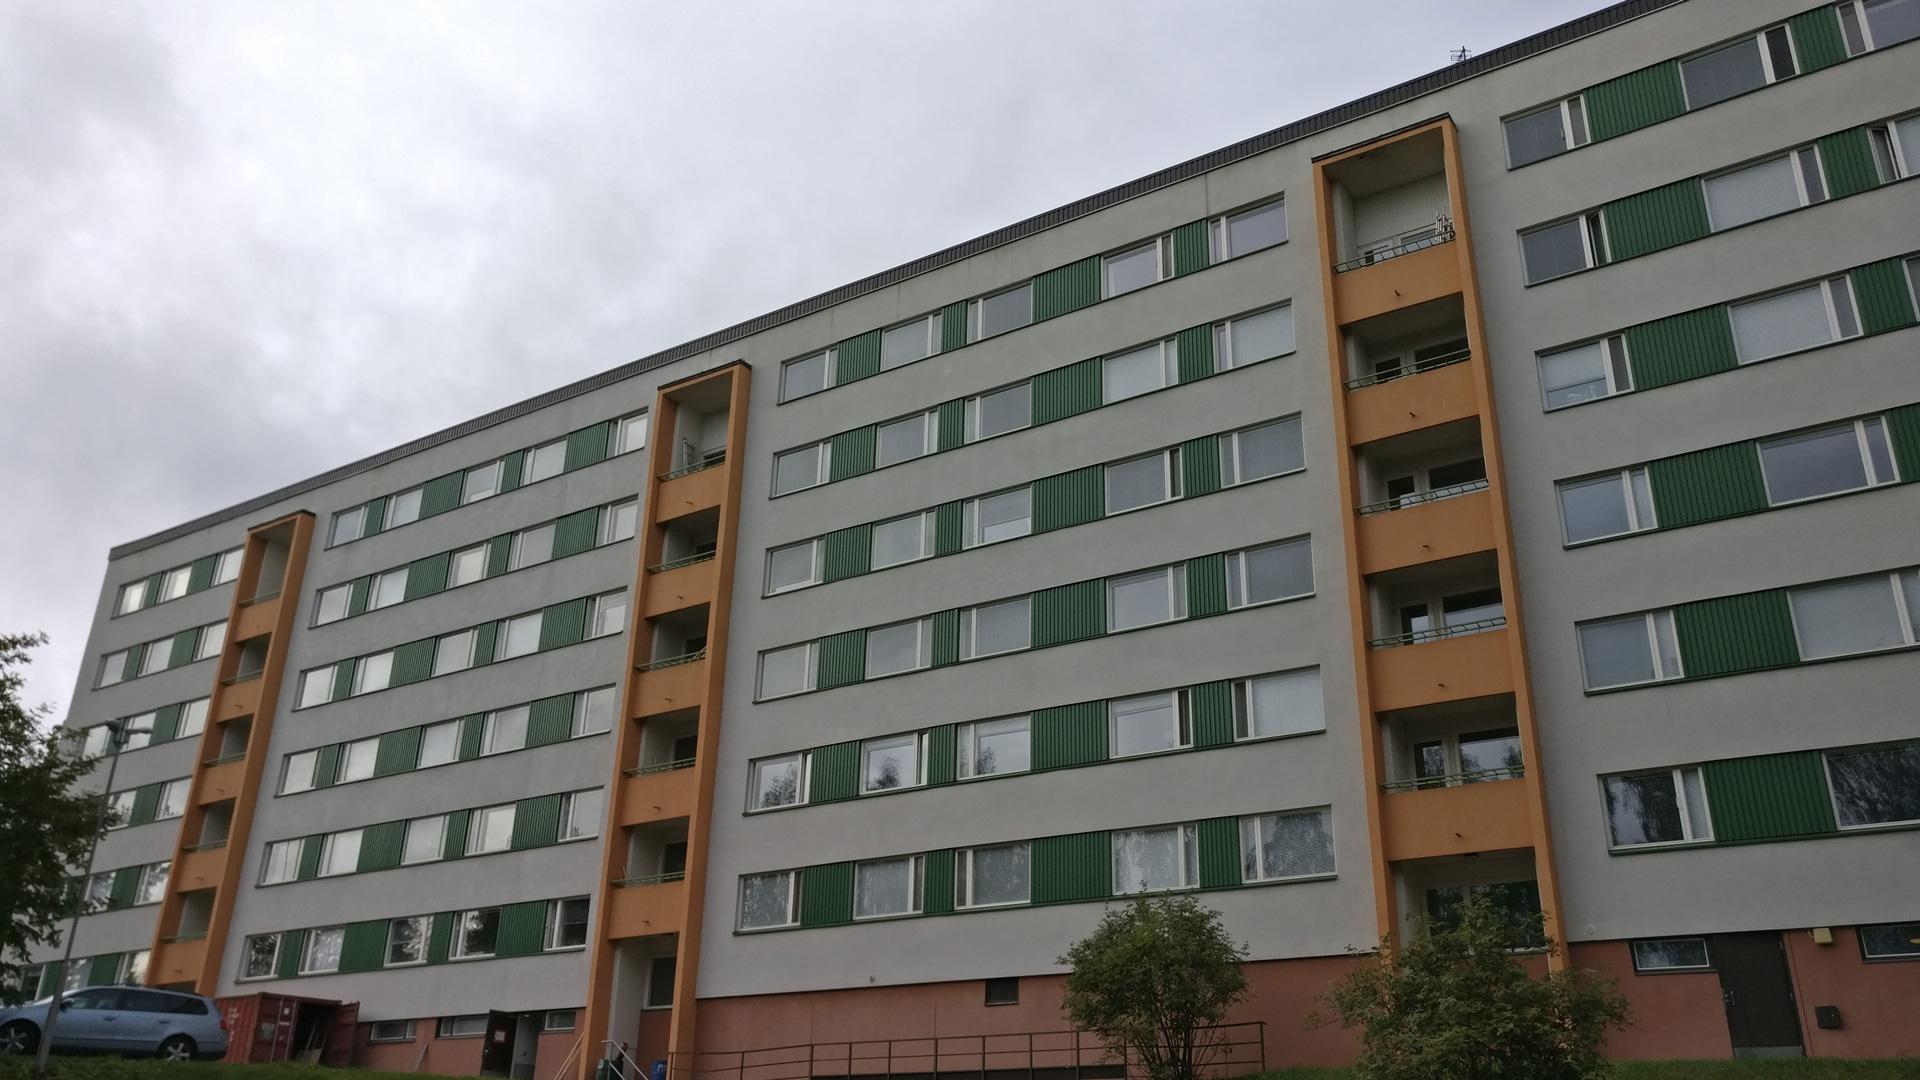 As Oy Vuorikilpi, Jyväskylä